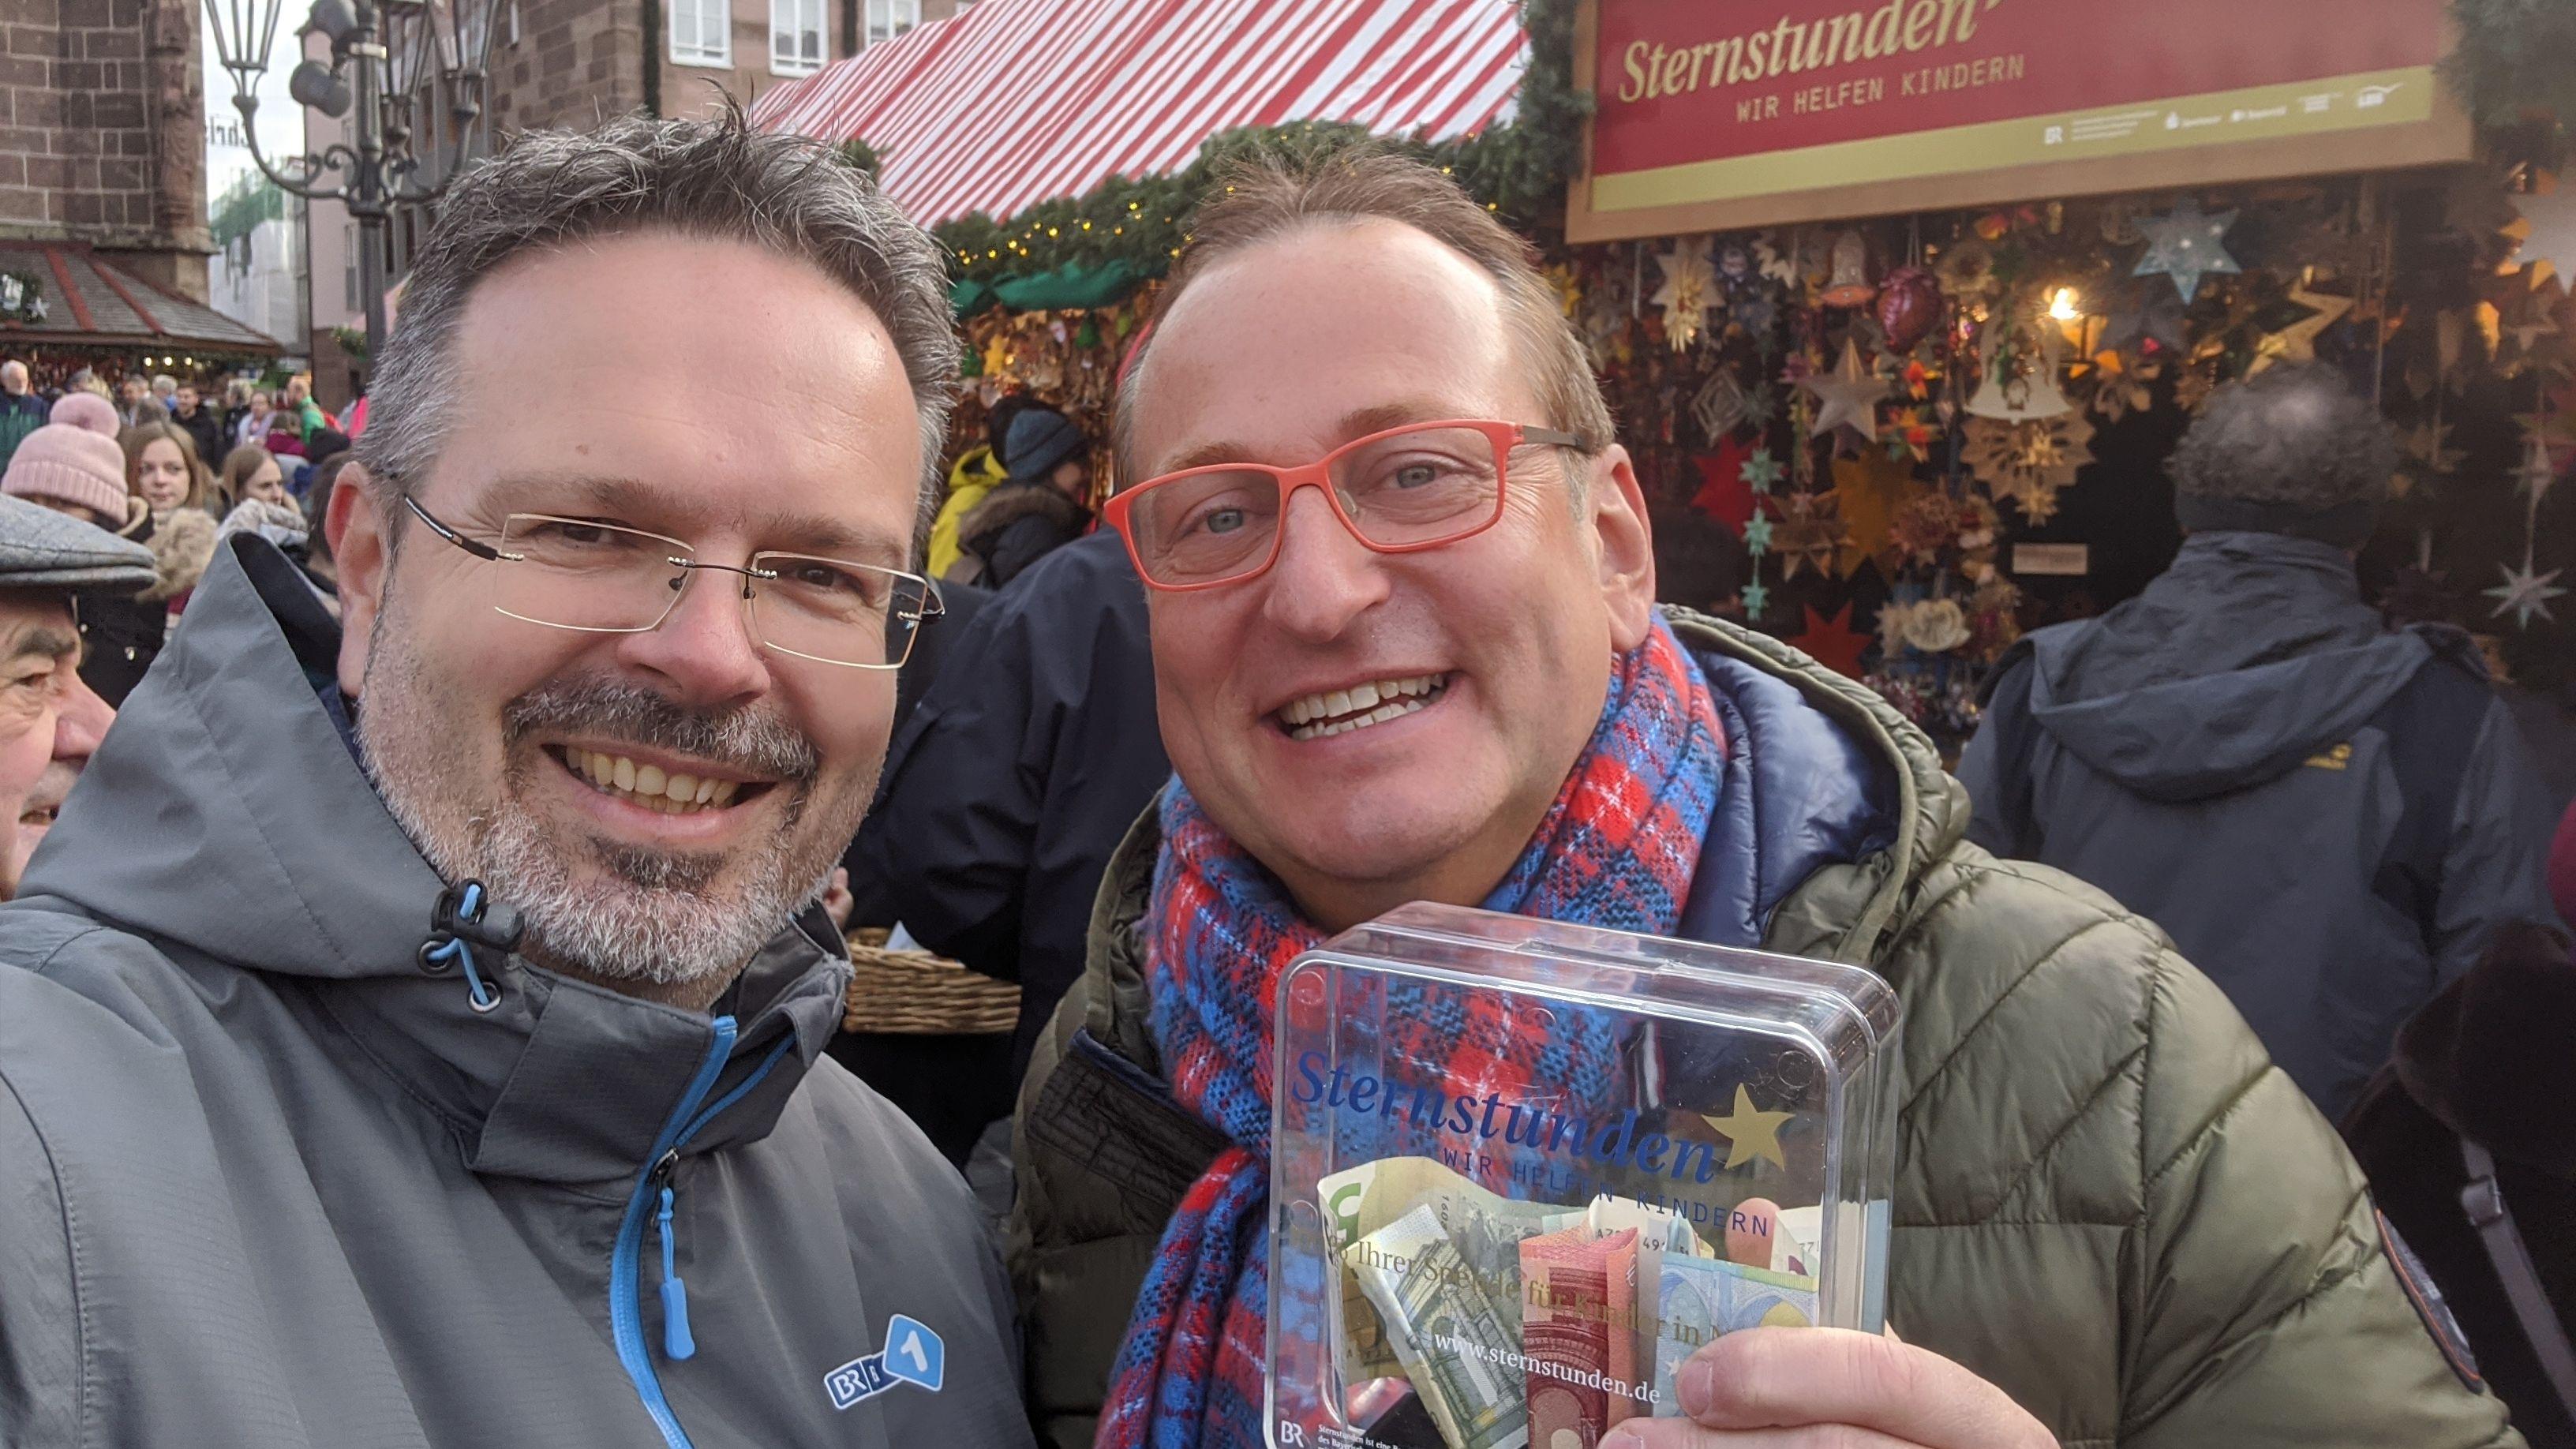 Thomas Viewegh und Volker Heißmann mit Sammelbüchse vor dem Sternstundenstand